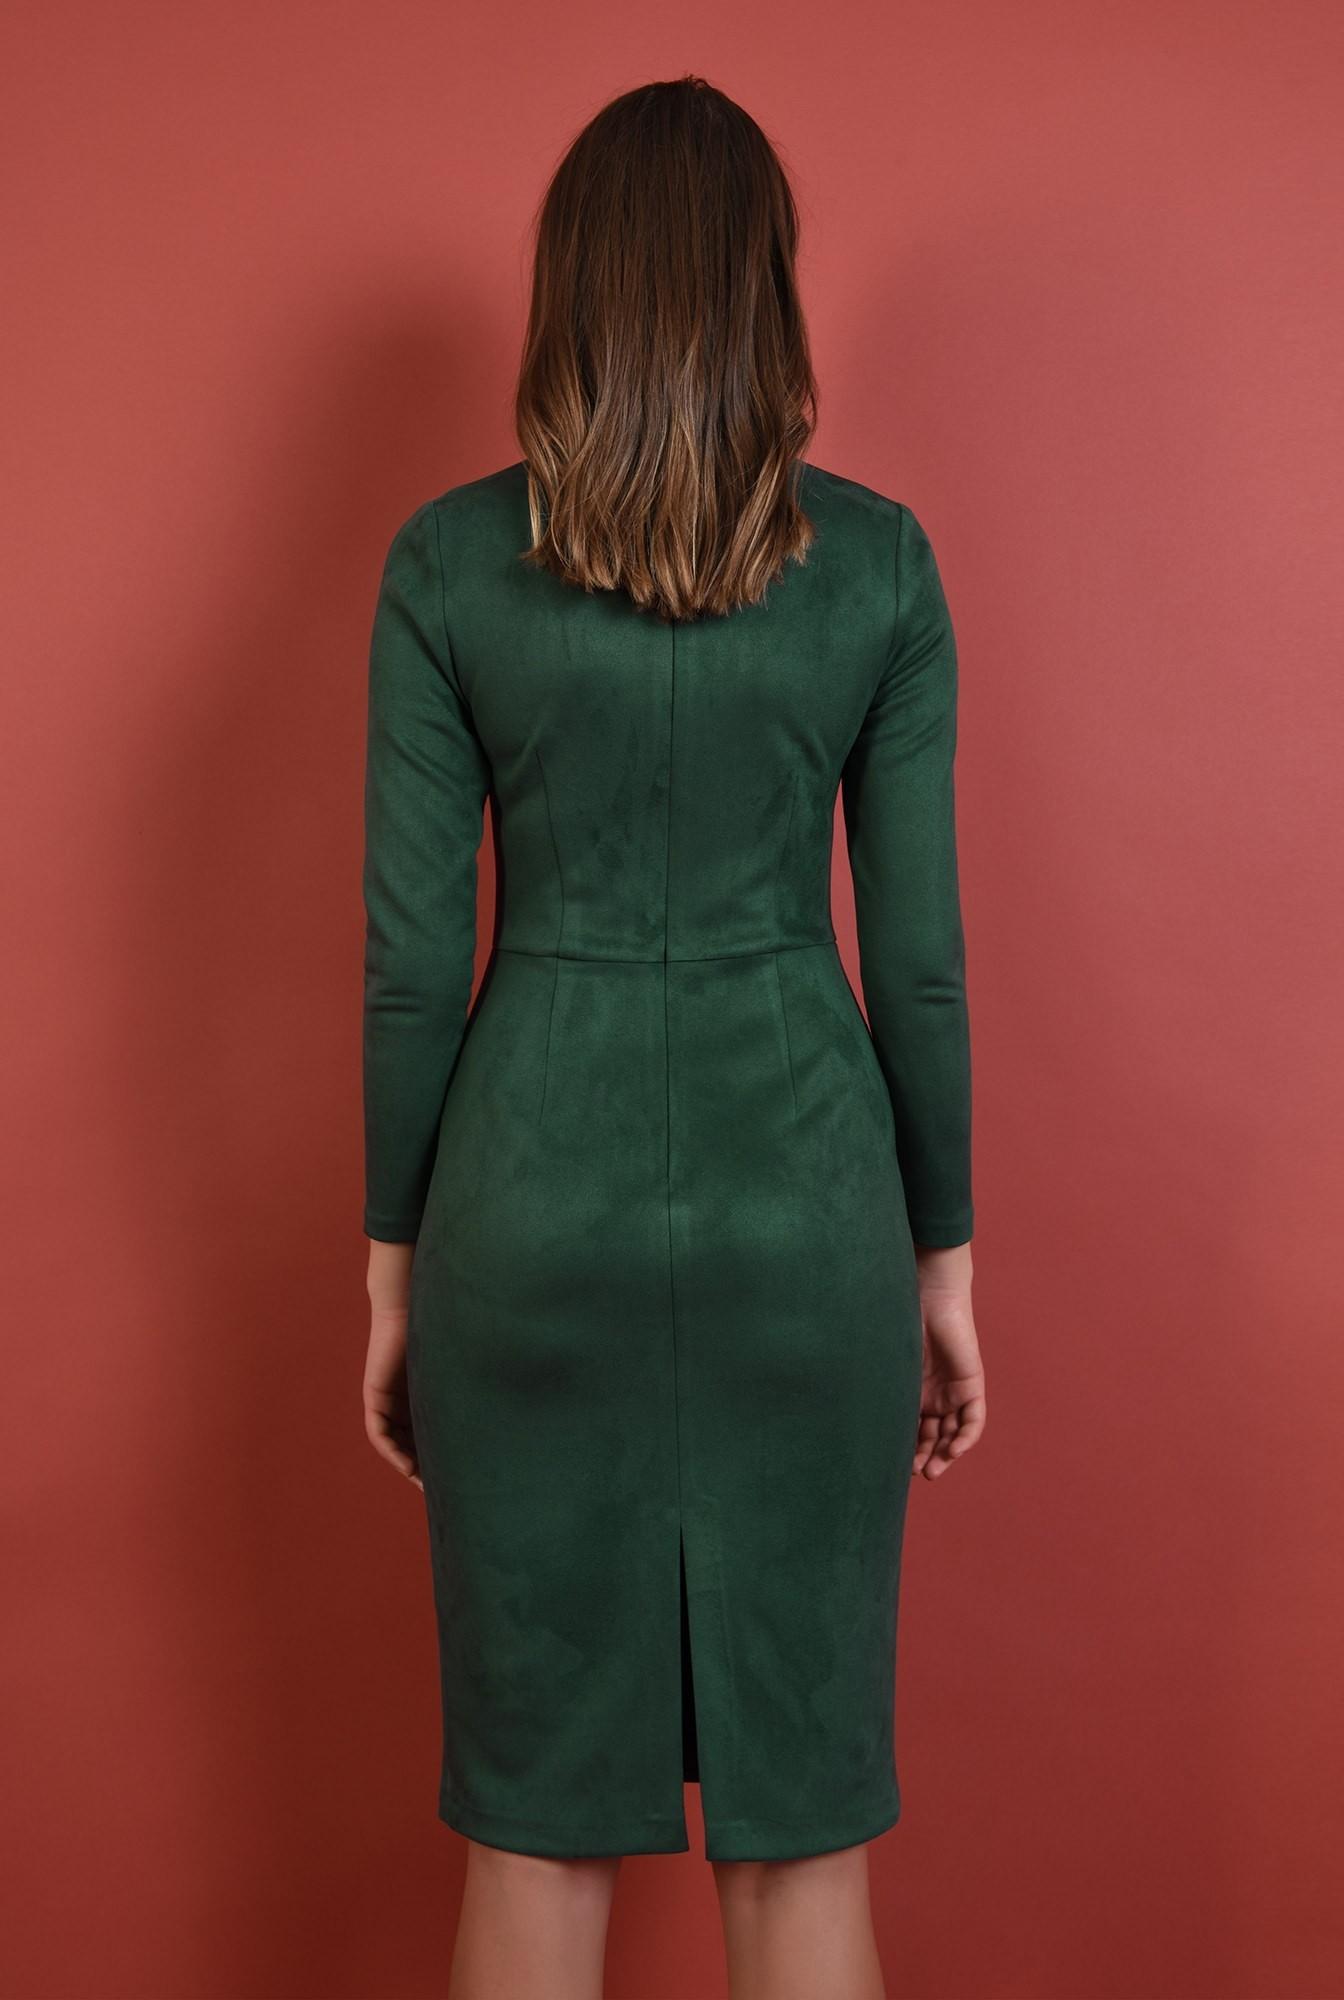 1 - rochie verde, casual, conica, stretch, maneci lungi